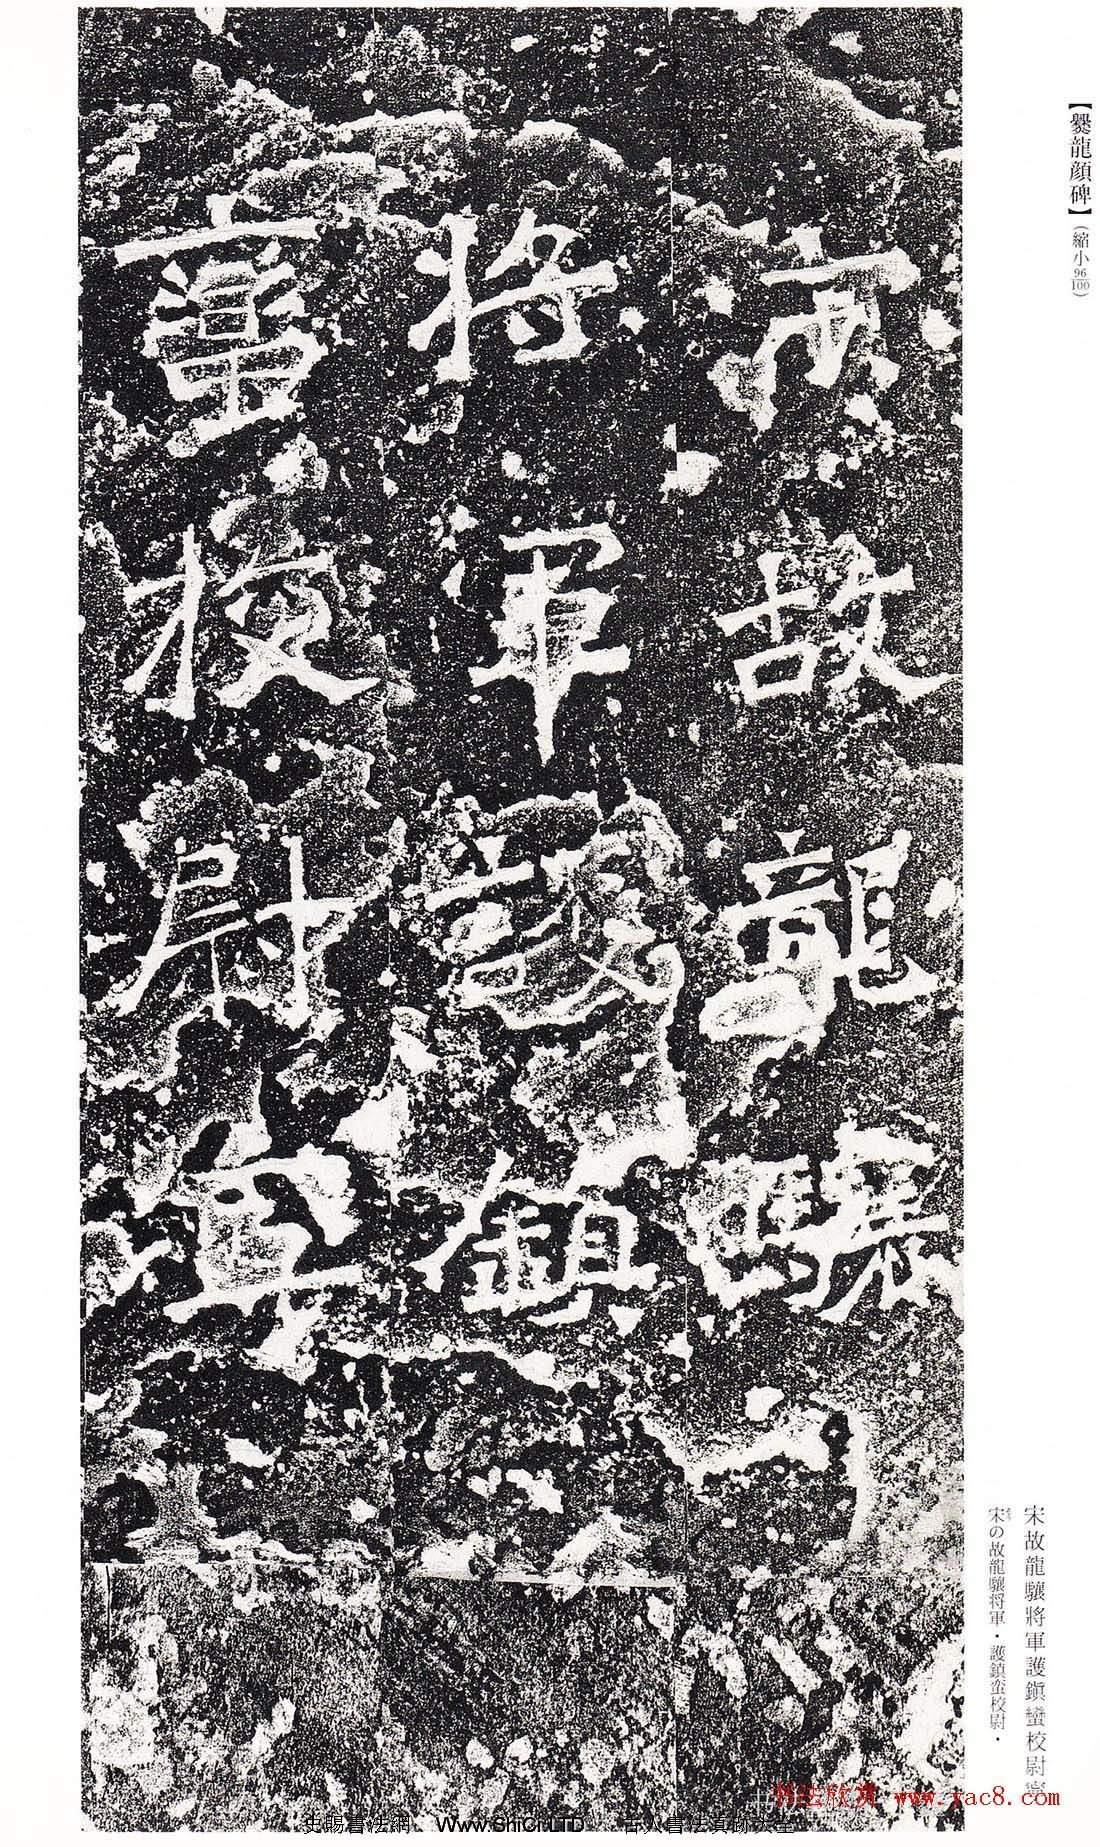 南朝書法拓本字帖《爨龍顏碑》(共80張圖片)